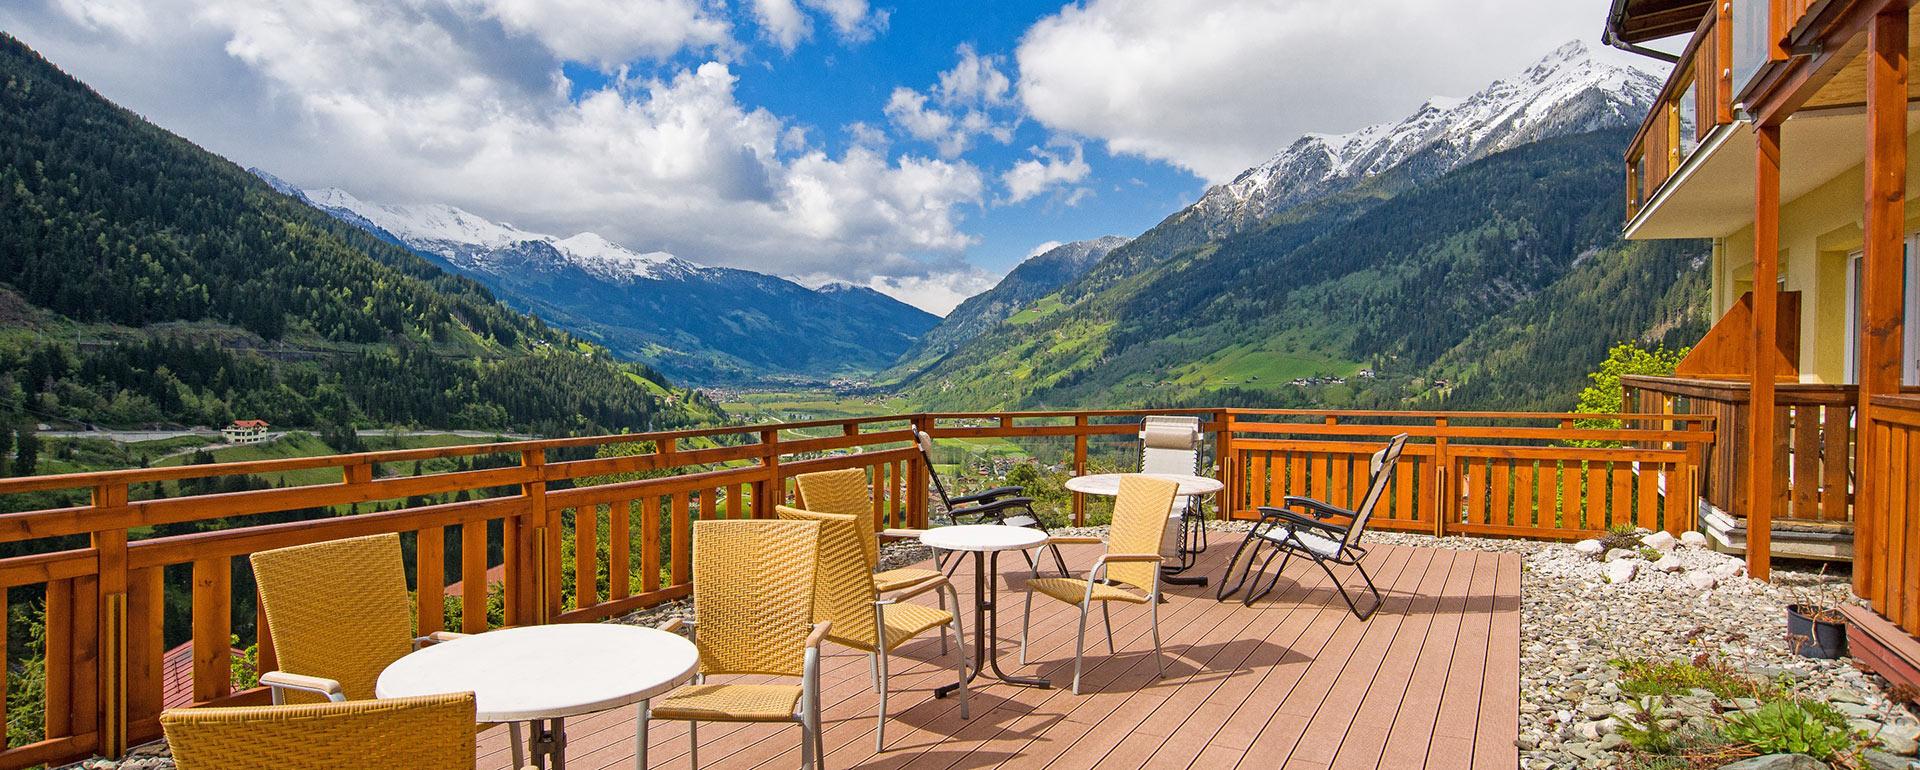 Panoramahotel Alpenblick Bad Gastein